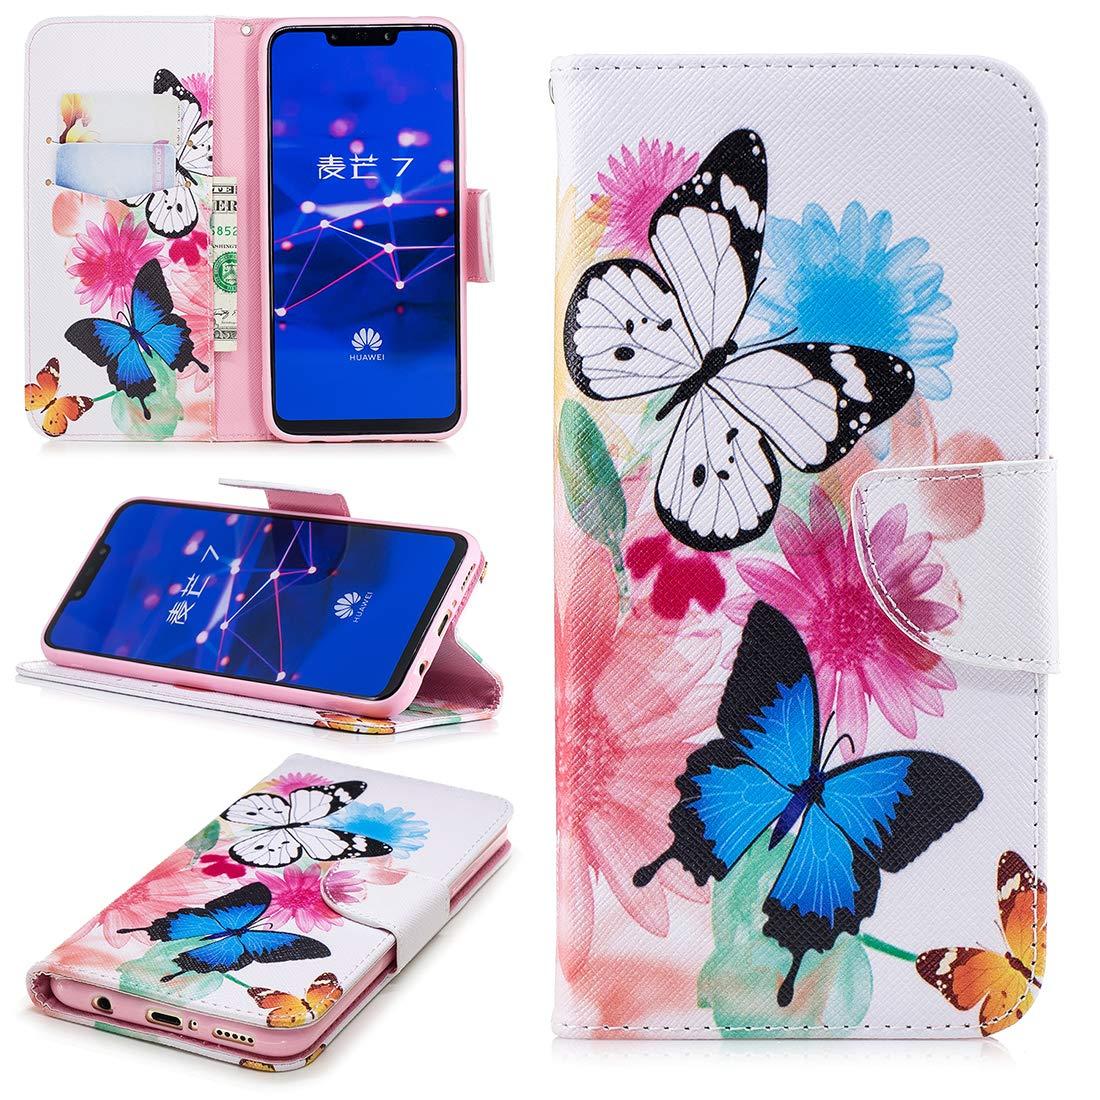 Lyzwn Custodia Huawei Mate 20 Lite Cases Flip in Pelle PU Cuoio Copertura Case Cover con Wallet Portafoglio Supporto Carte Chiusura Magnetica Caso Copertina per Huawei Mate 20 Lite